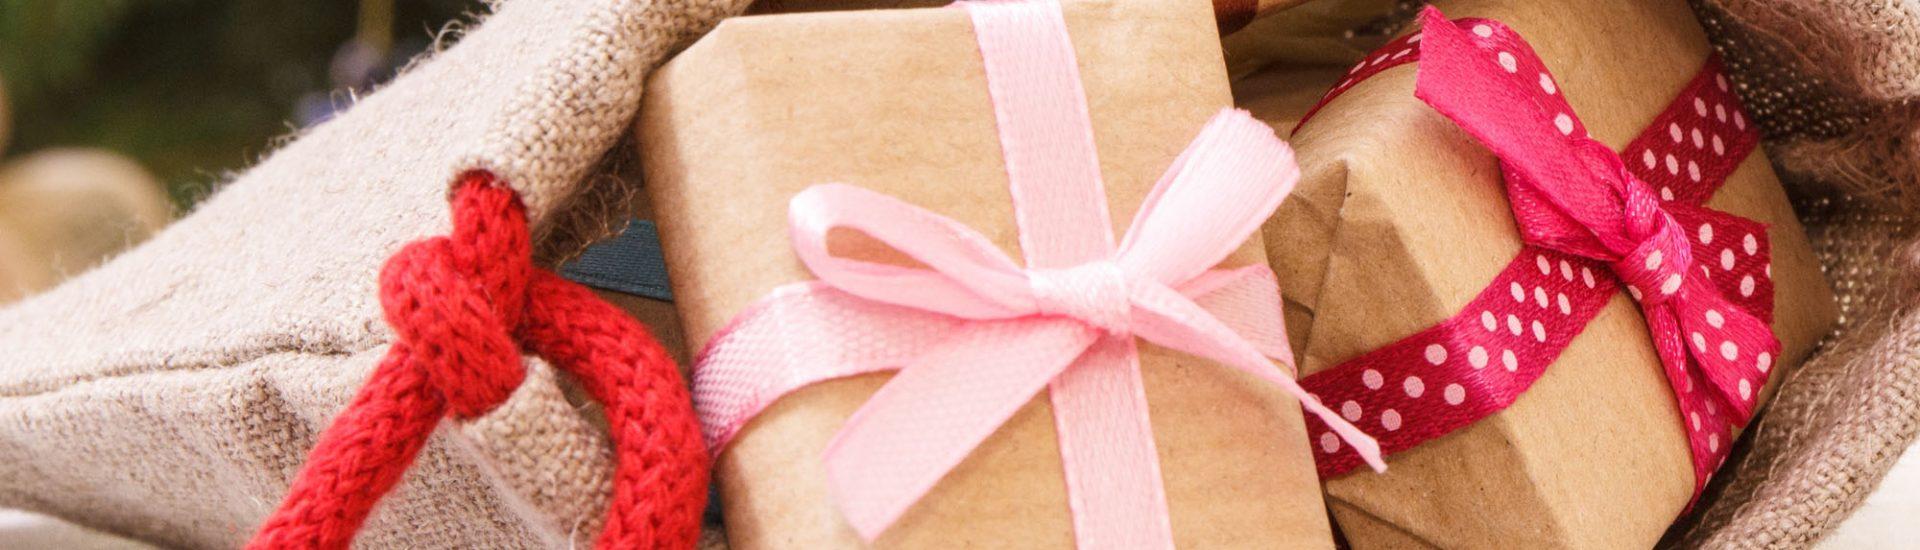 Besondere Weihnachtsgeschenke für besondere Menschen